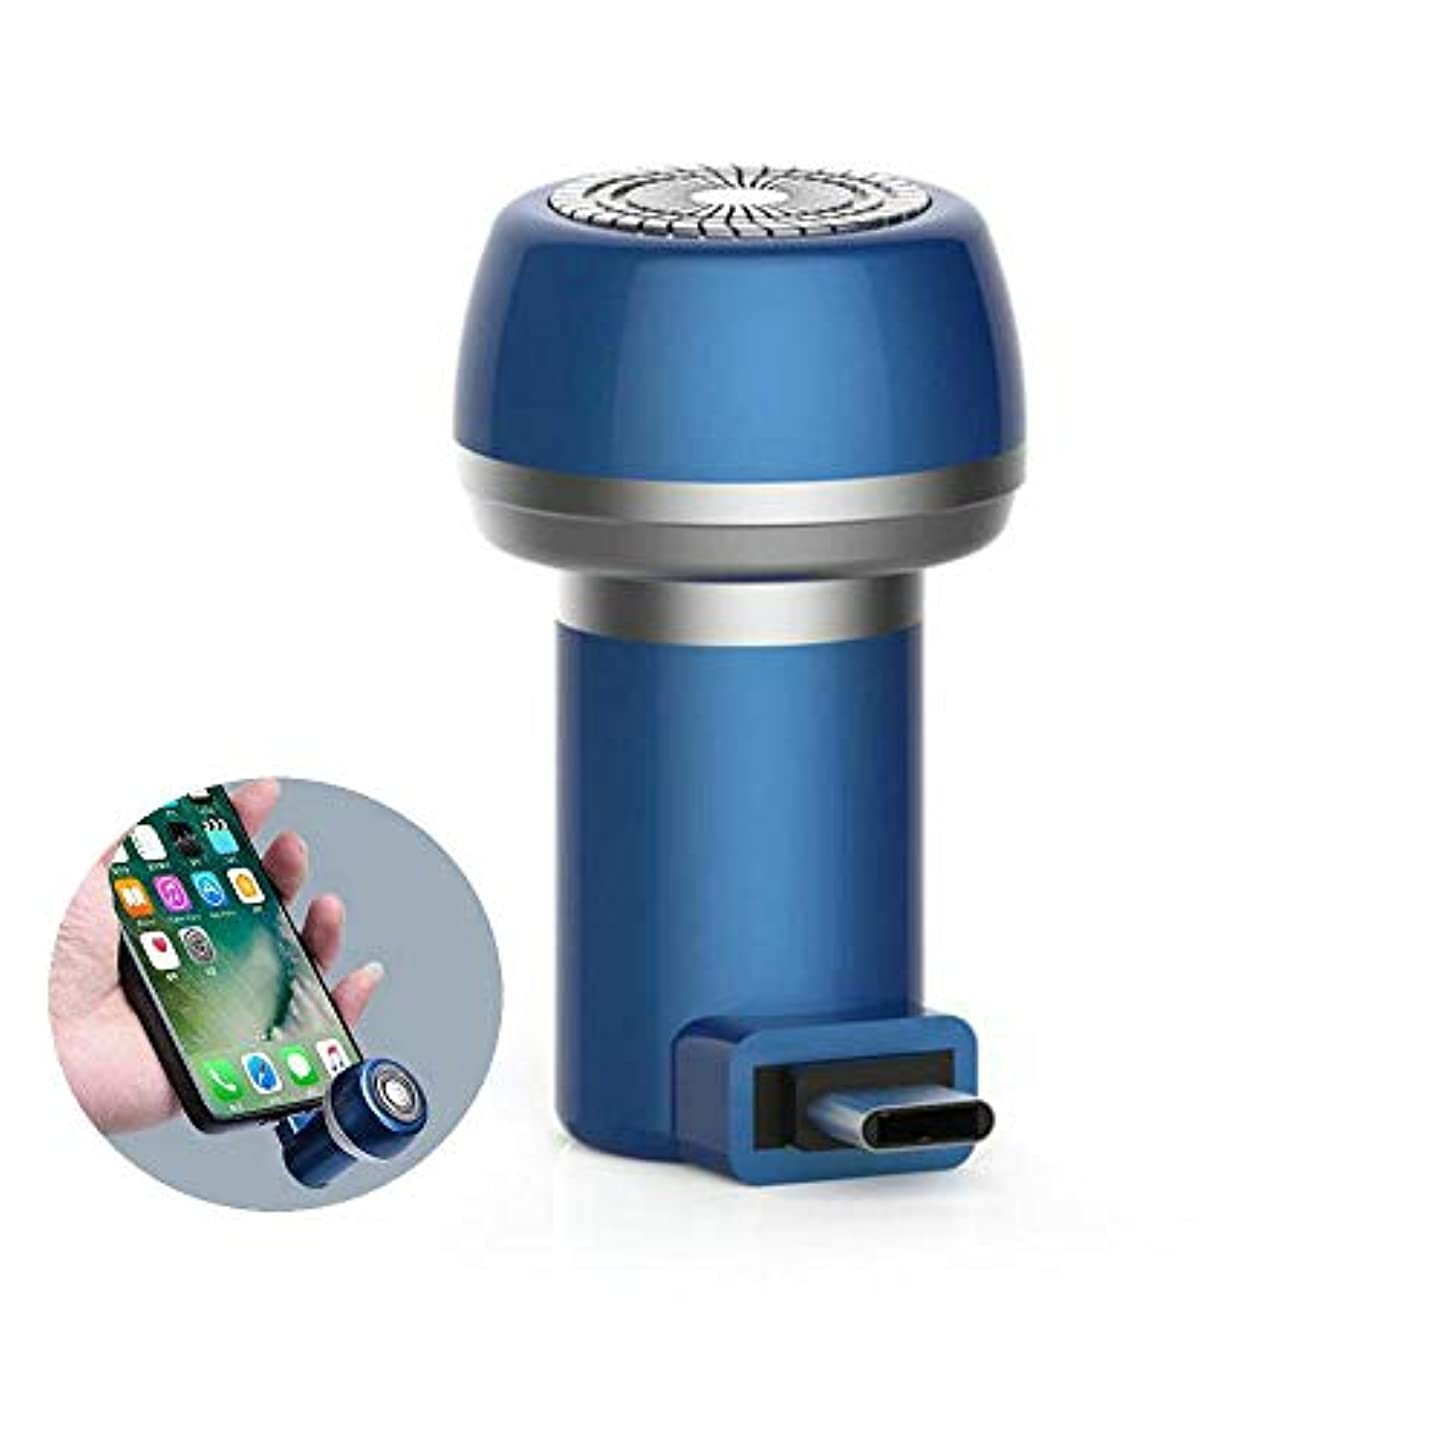 評価可能刑務所またはXAHWL ミニ シェーバー 携帯電話 Micro/Type-c/USB+Micro 脱毛器